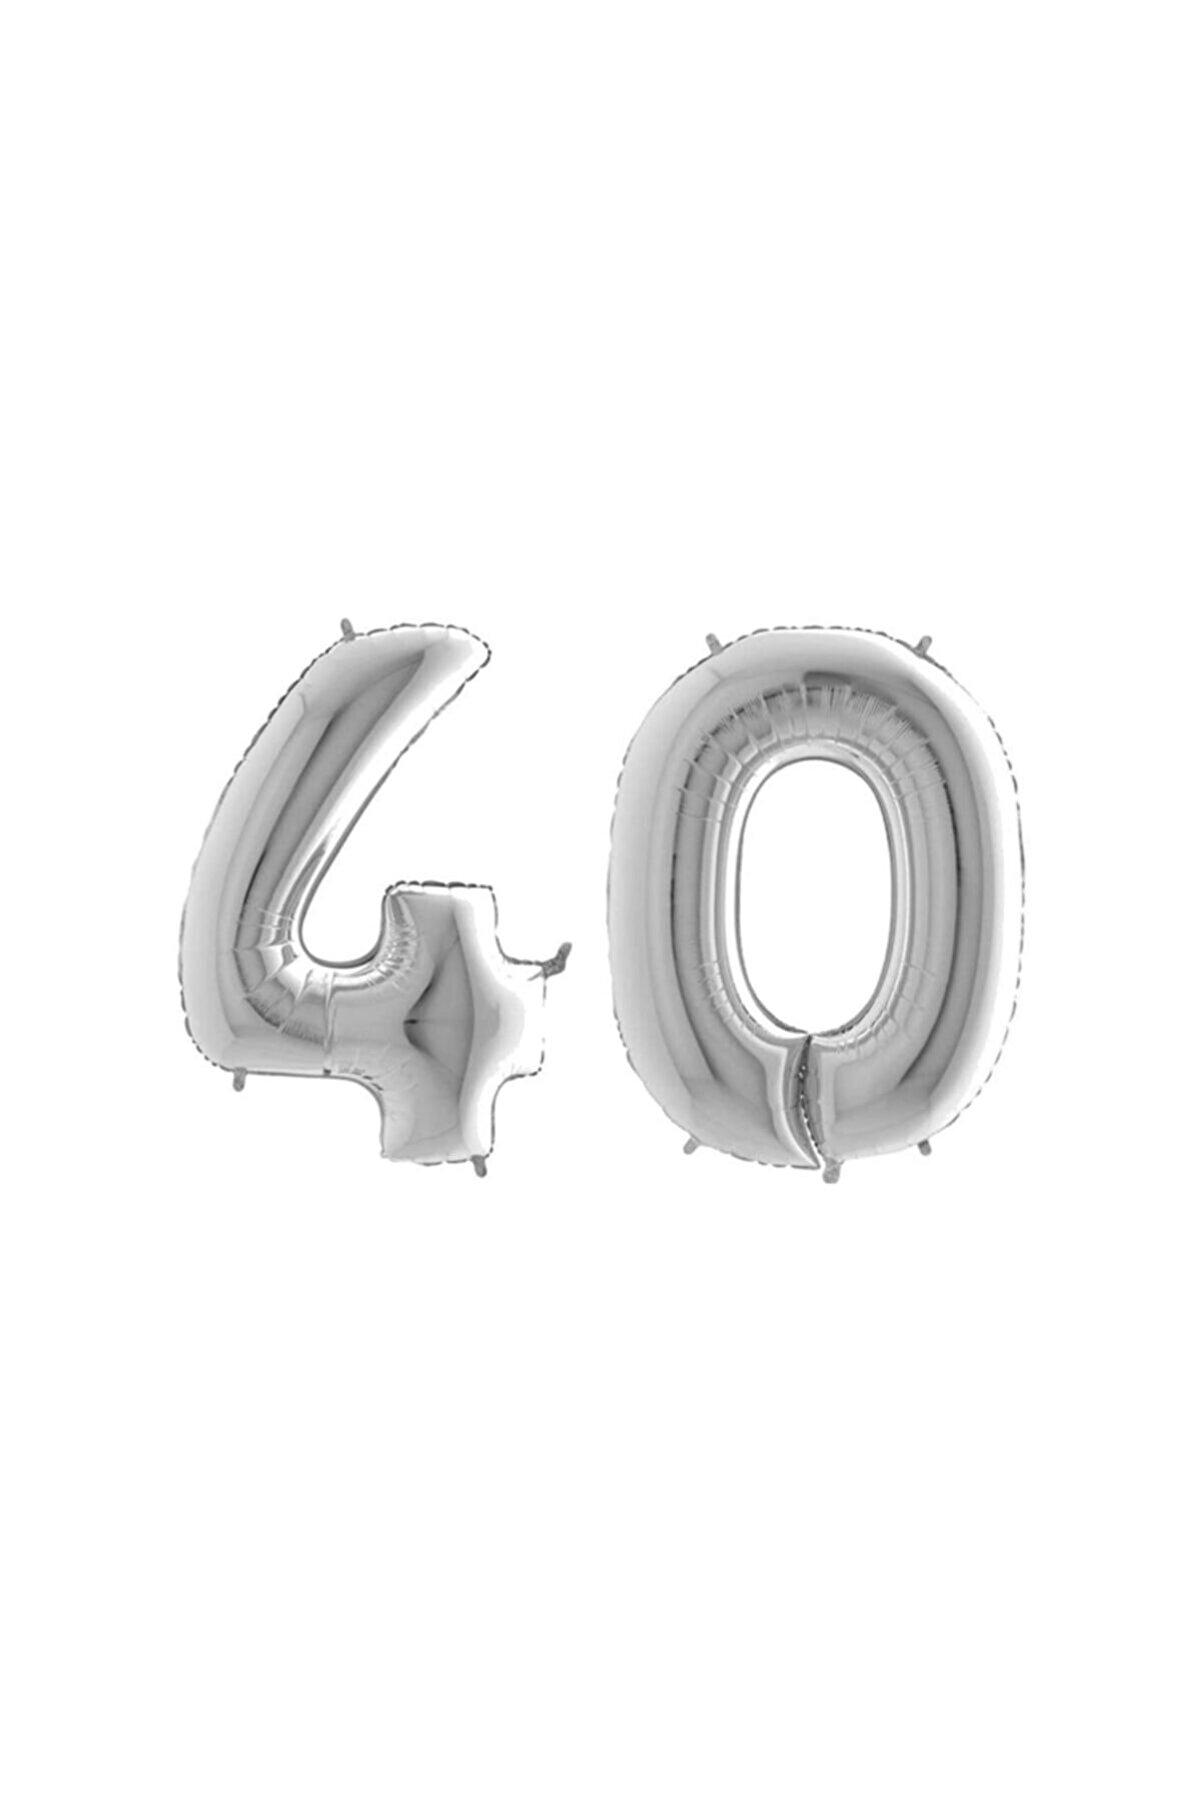 DMS DEKOR 40 Yaş Rakam Folyo Balon Gümüş 80cm